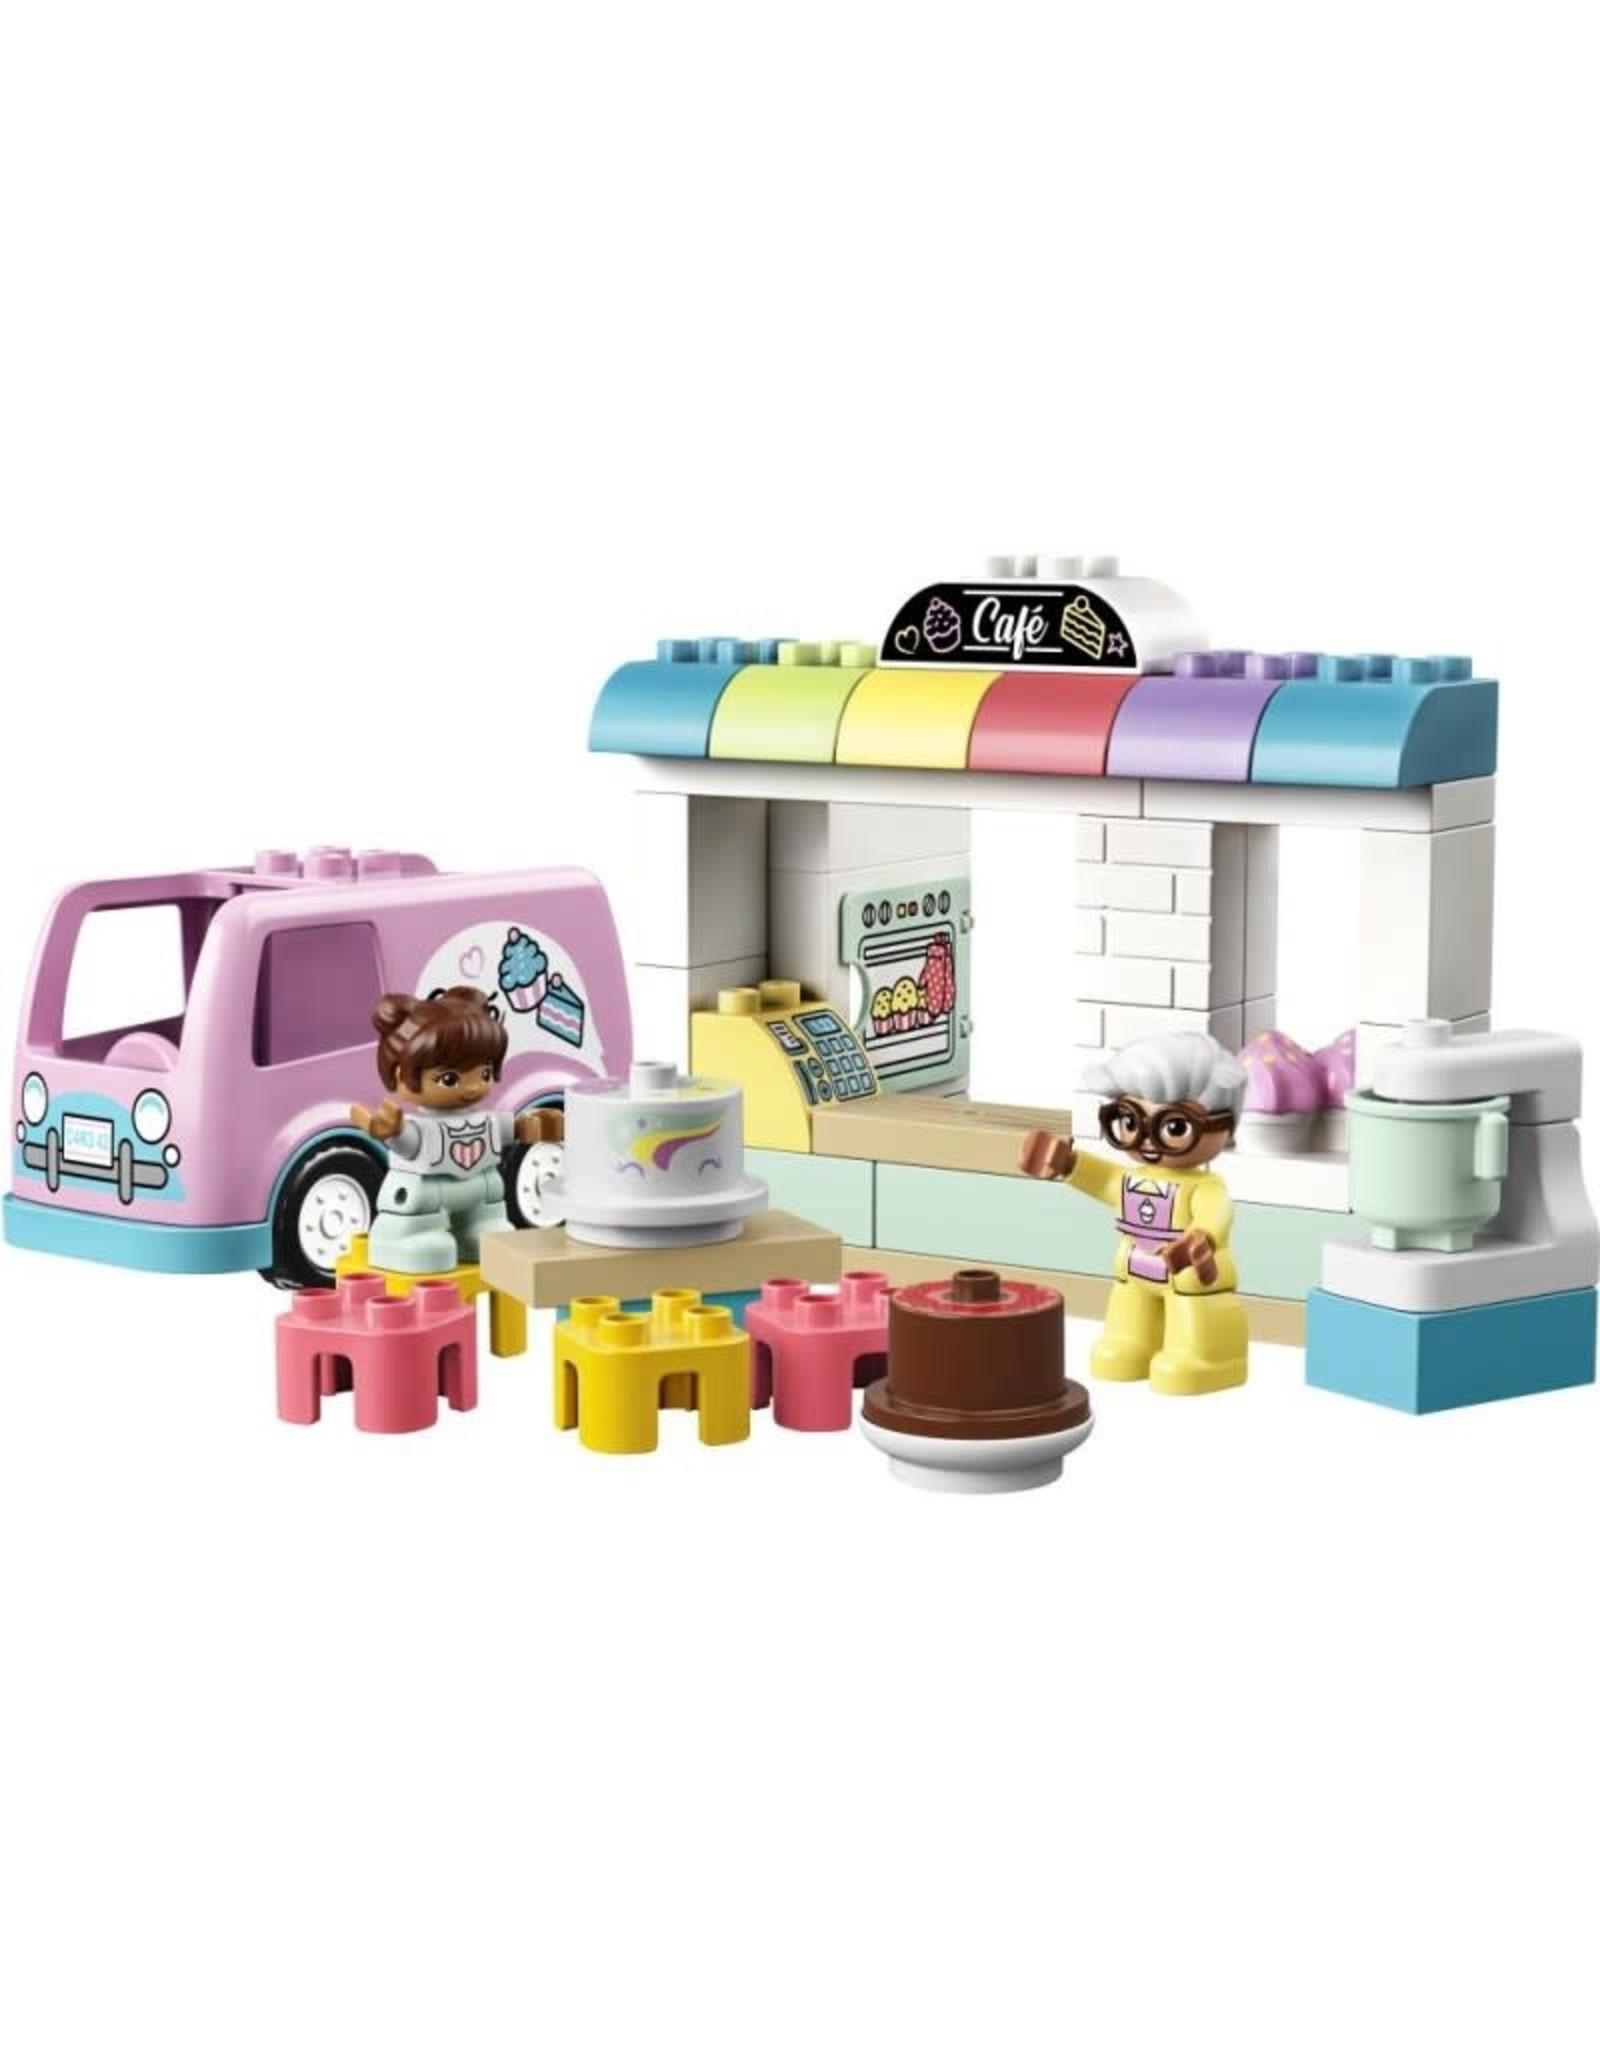 LEGO LEGO DUPLO Bakery (10928)